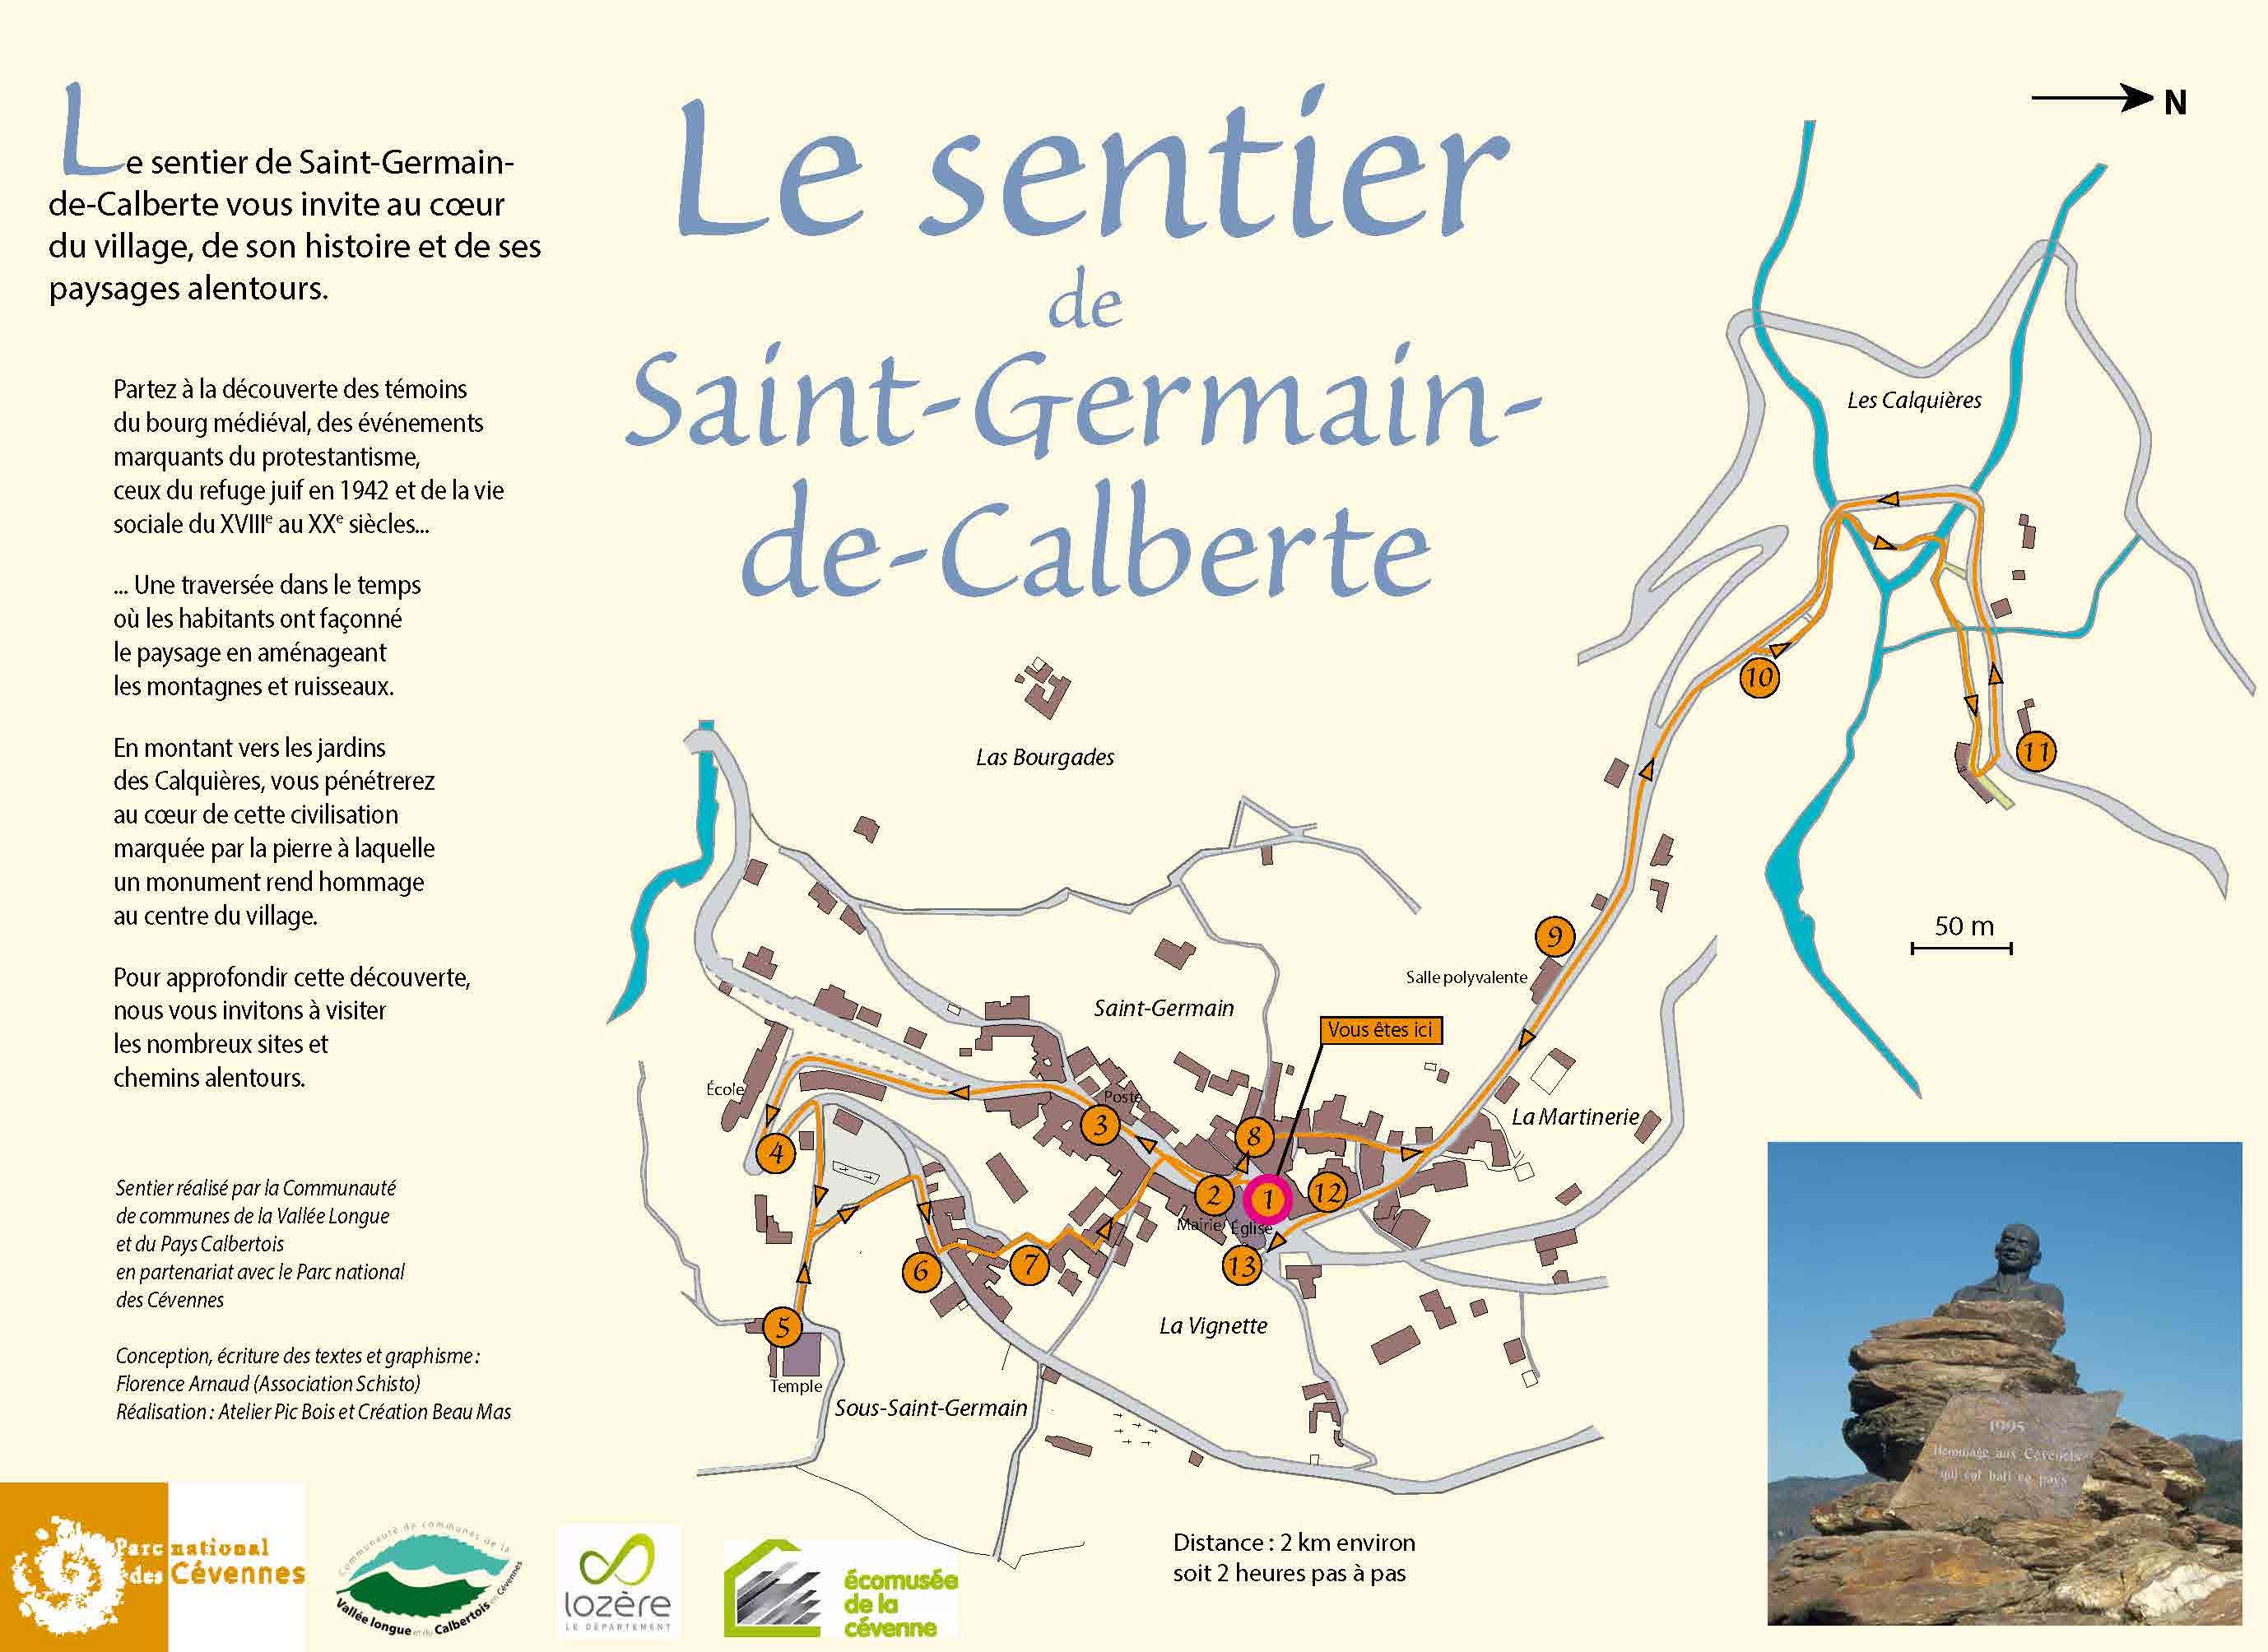 Tracé et présentation du sentier de Saint-Germain-de-Calberte